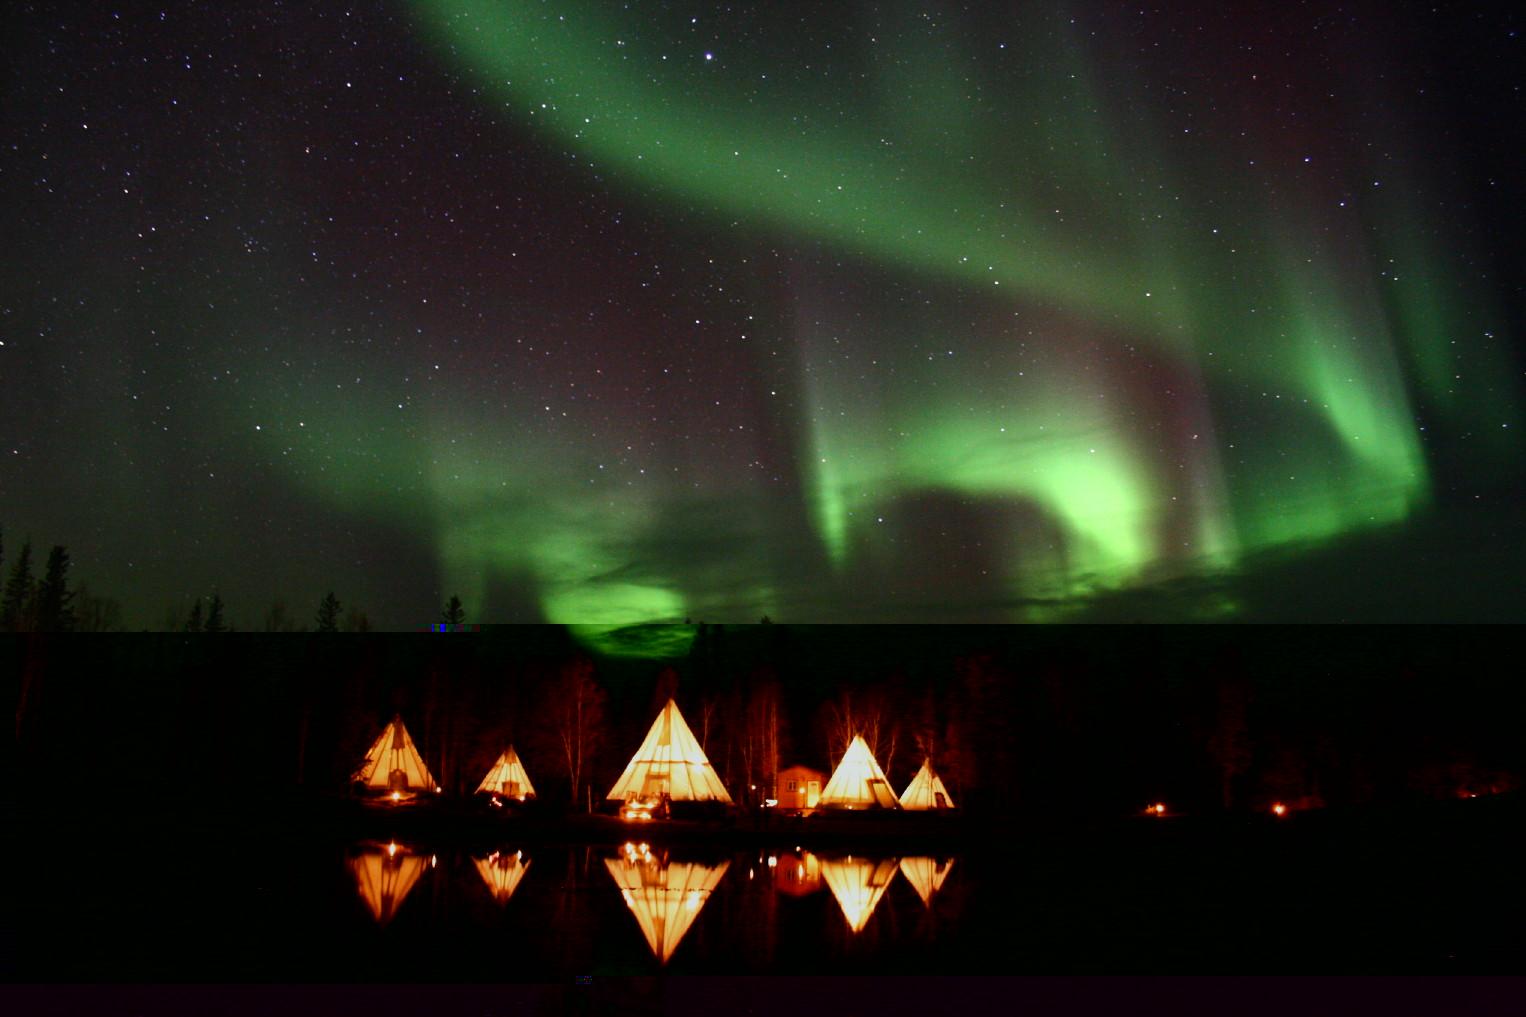 La Aurora Boreal Y Su Leyenda